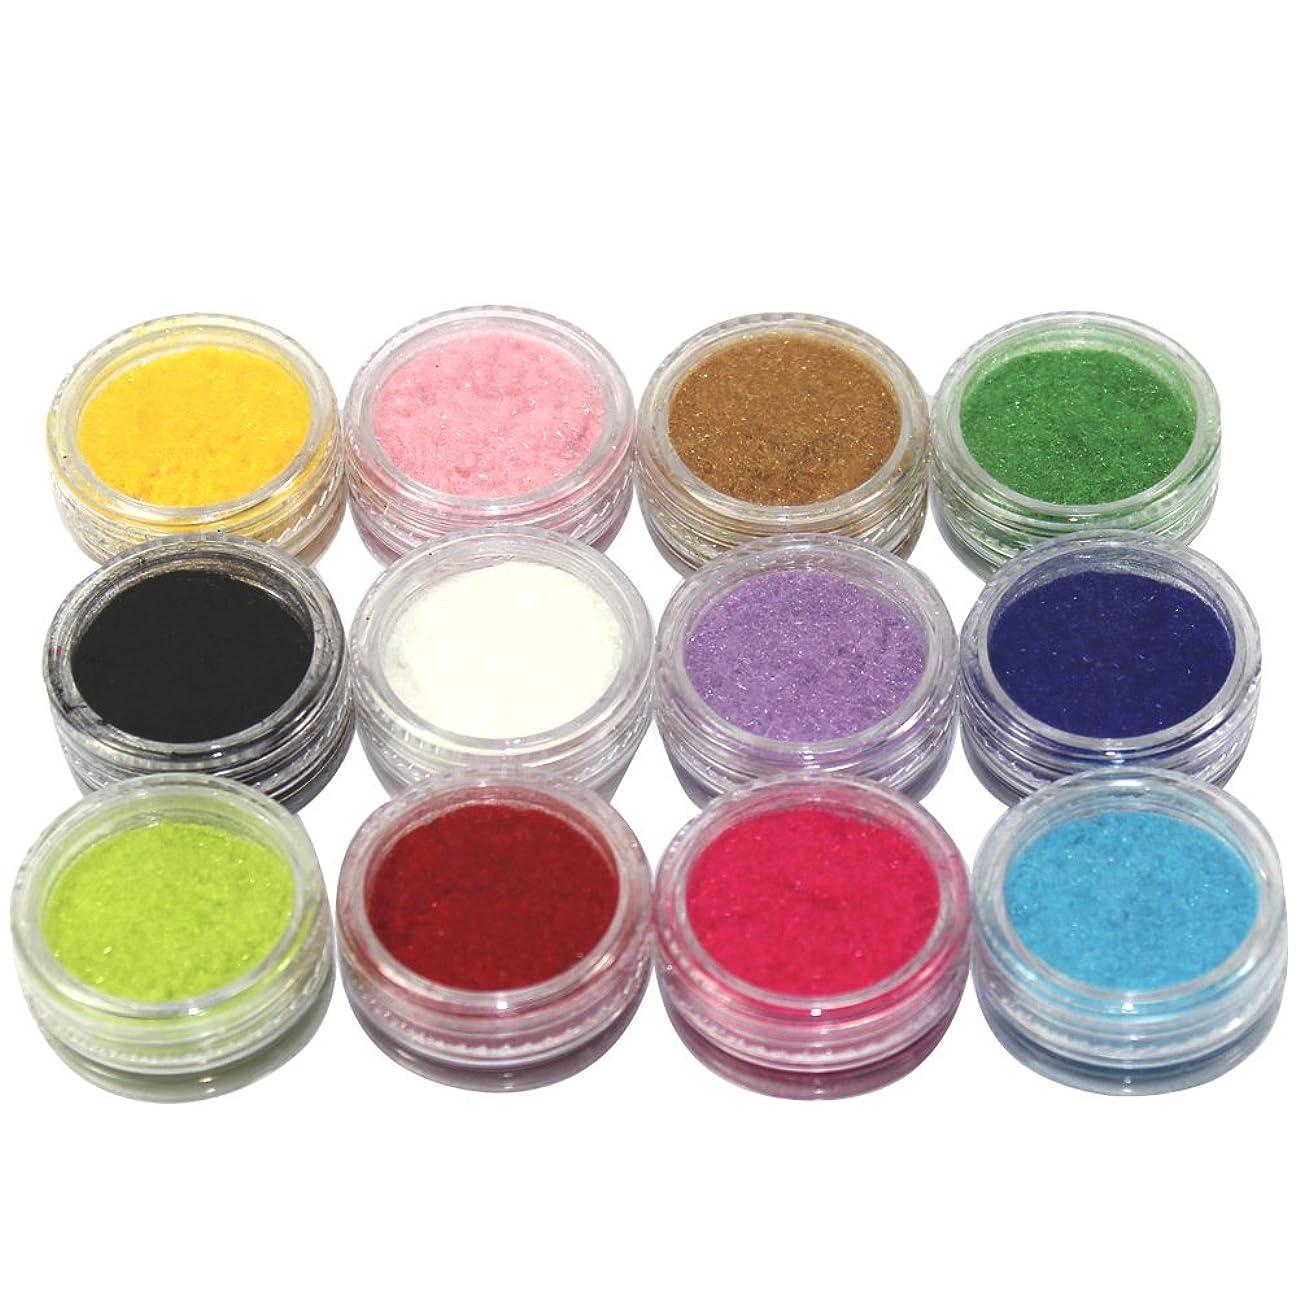 療法準備するマインド(メイクアップエーシーシー) MakeupAccネイルアートDIY ふわふわベロア調ネイルベルベットパウダー フロッキーパウダー ネイルデコセット 12色入り ネイルパーツ コンテナケース付き [並行輸入品]